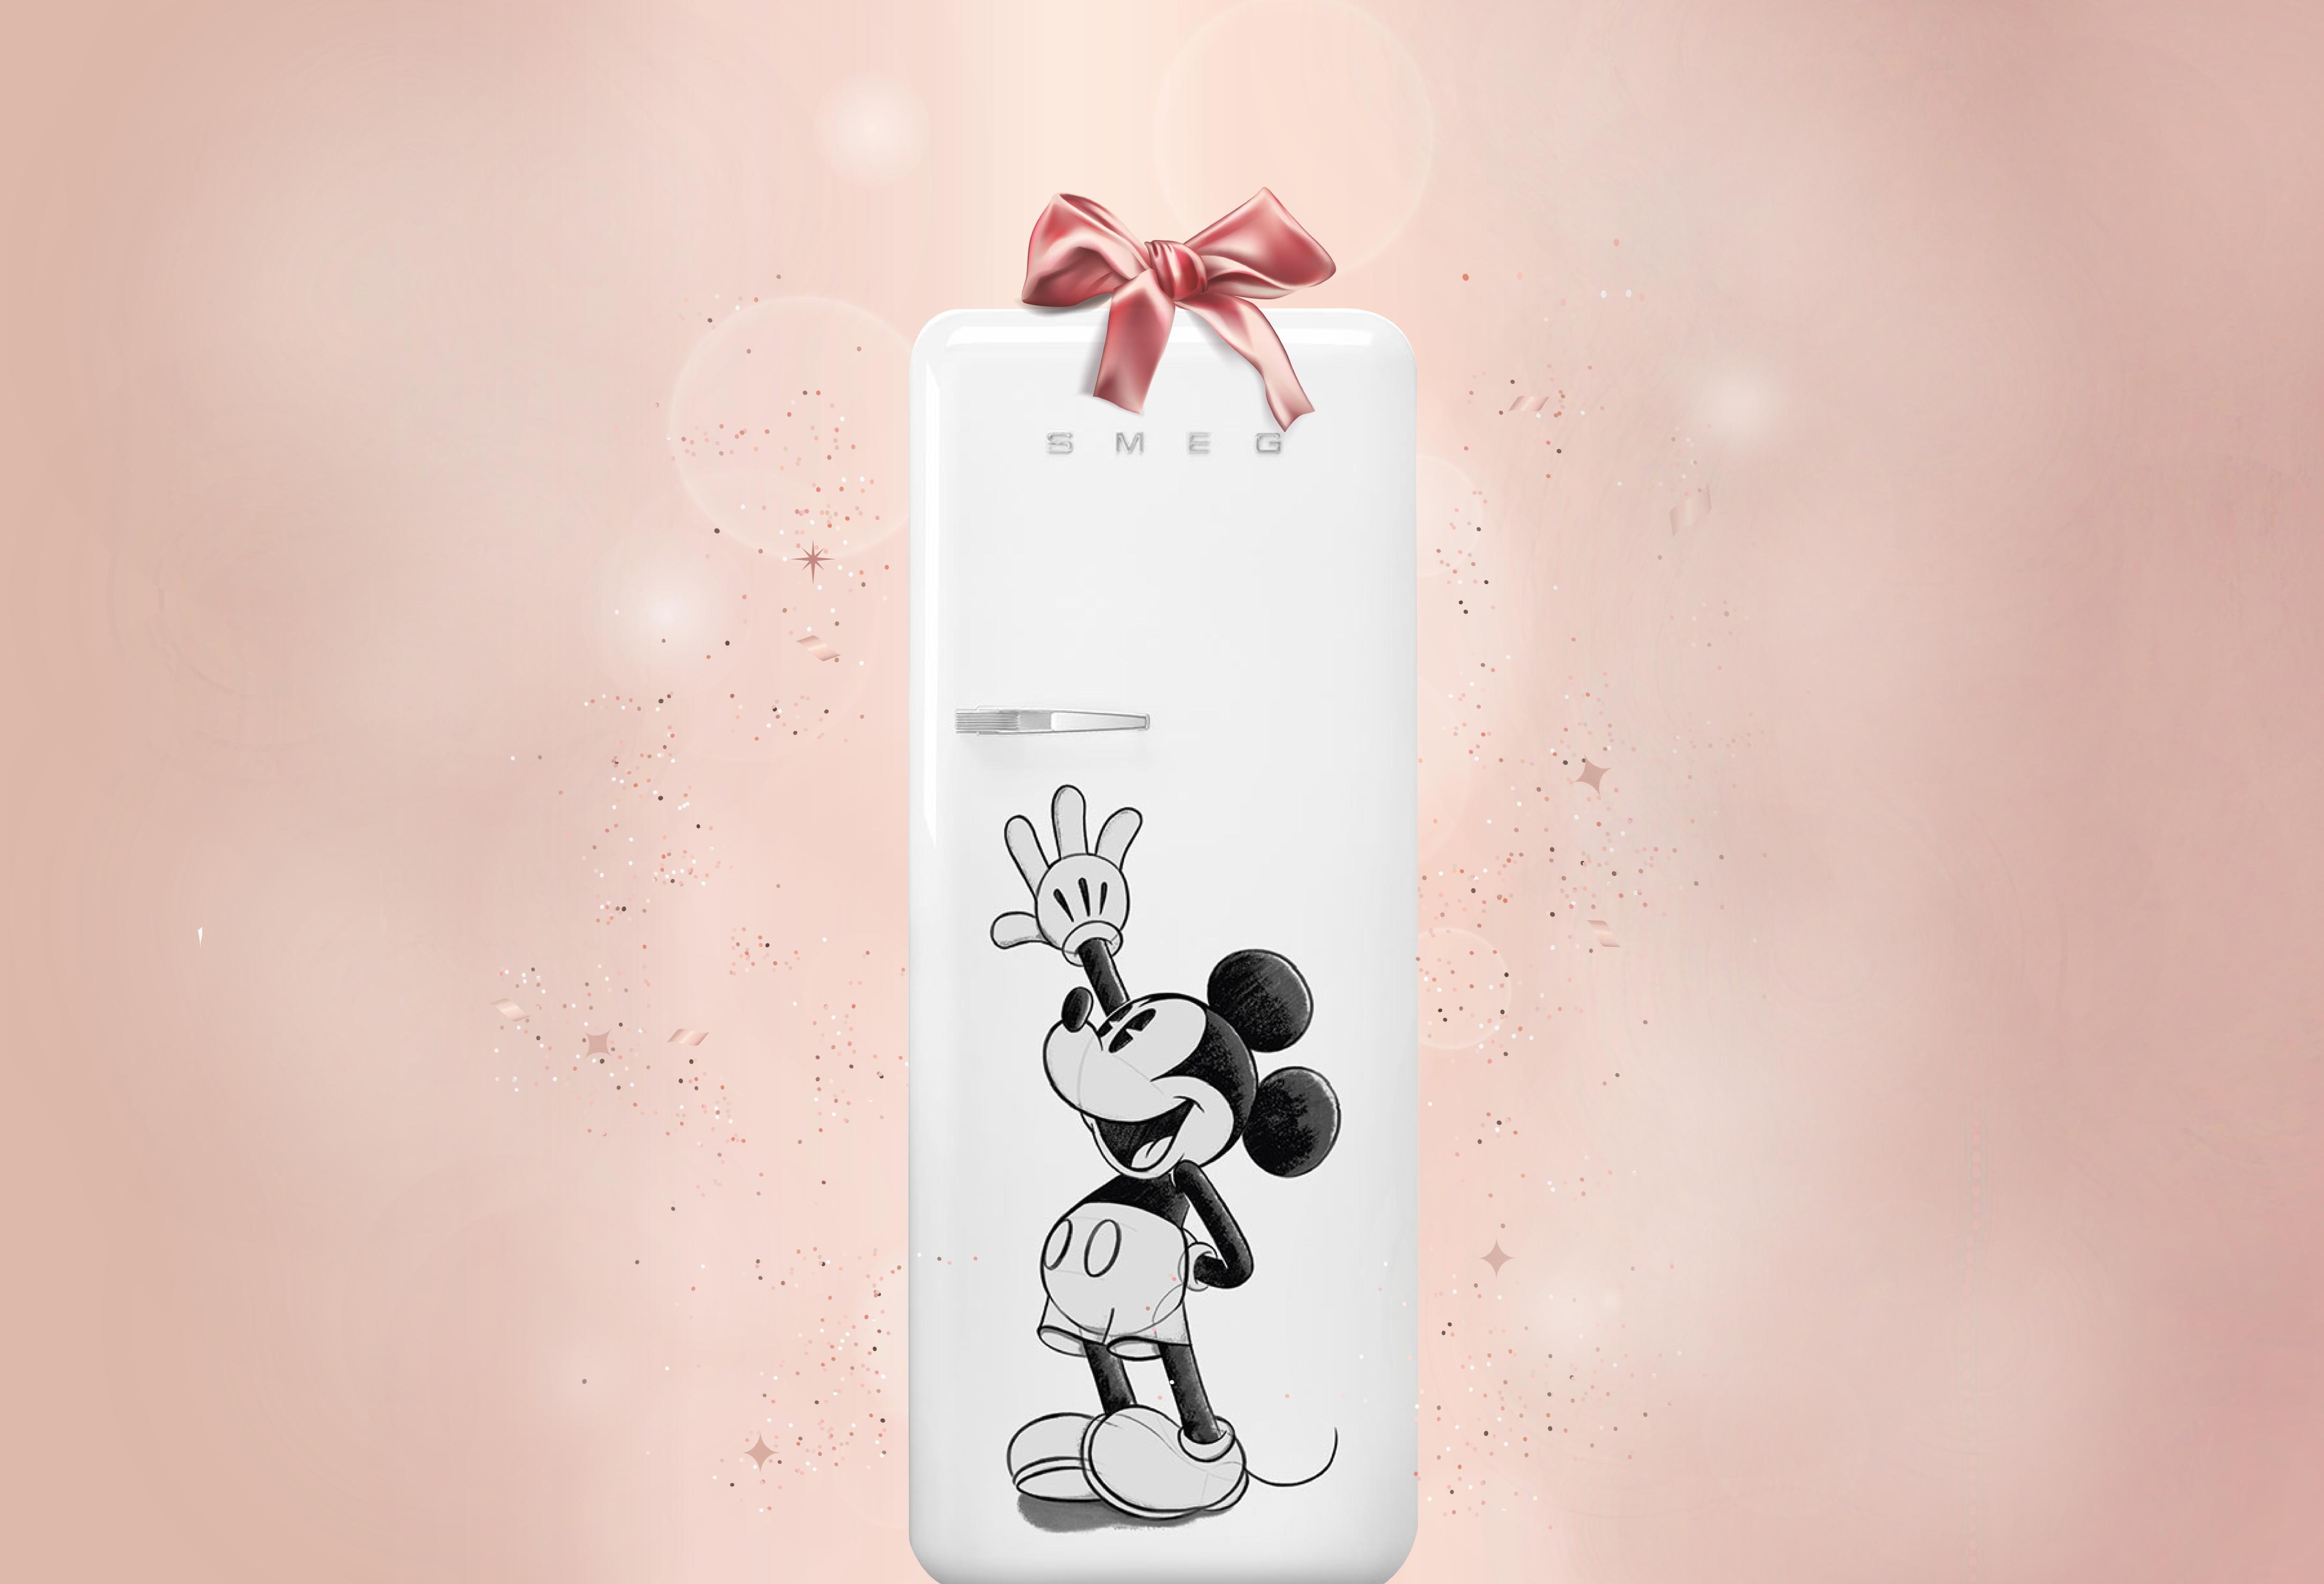 Smeg x Disney Mickey mouse fridge